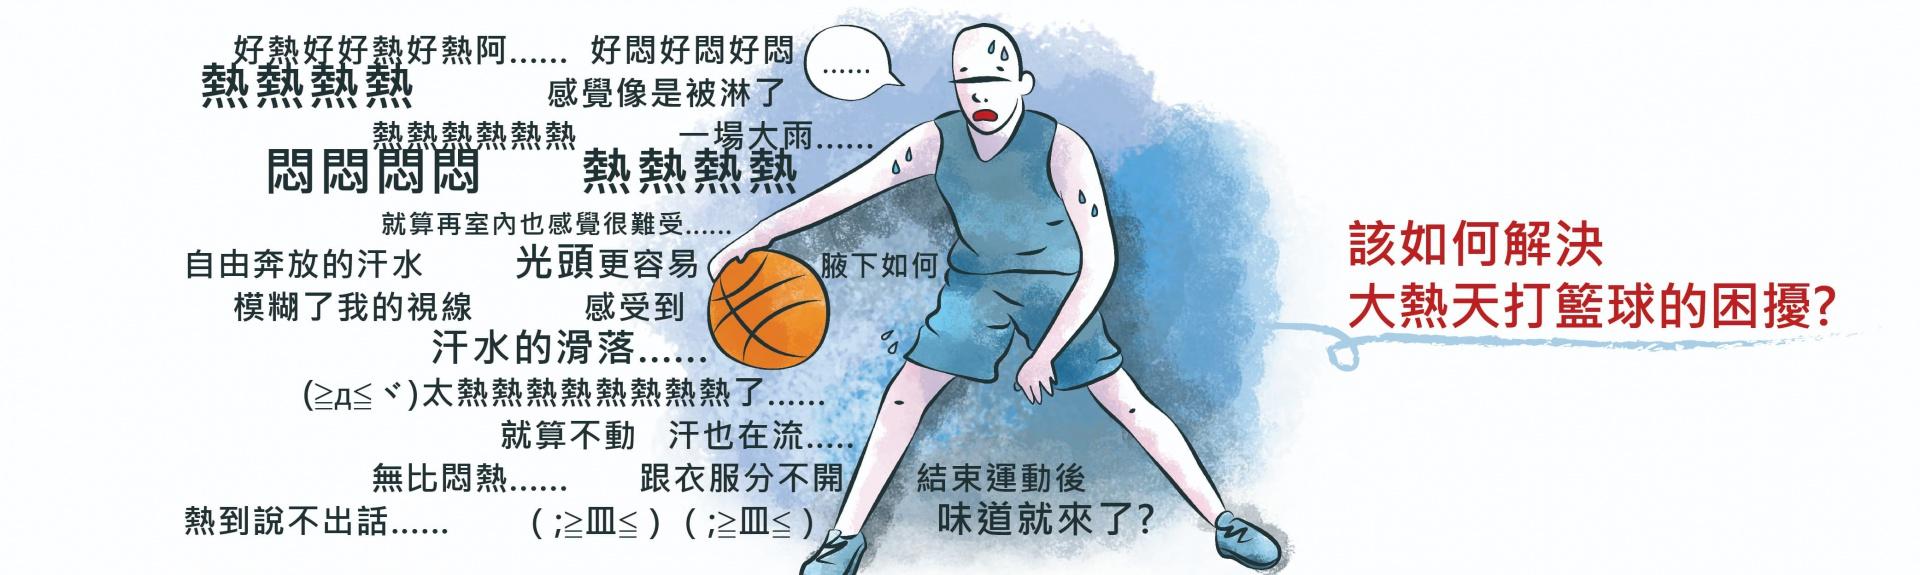 籃球服選擇